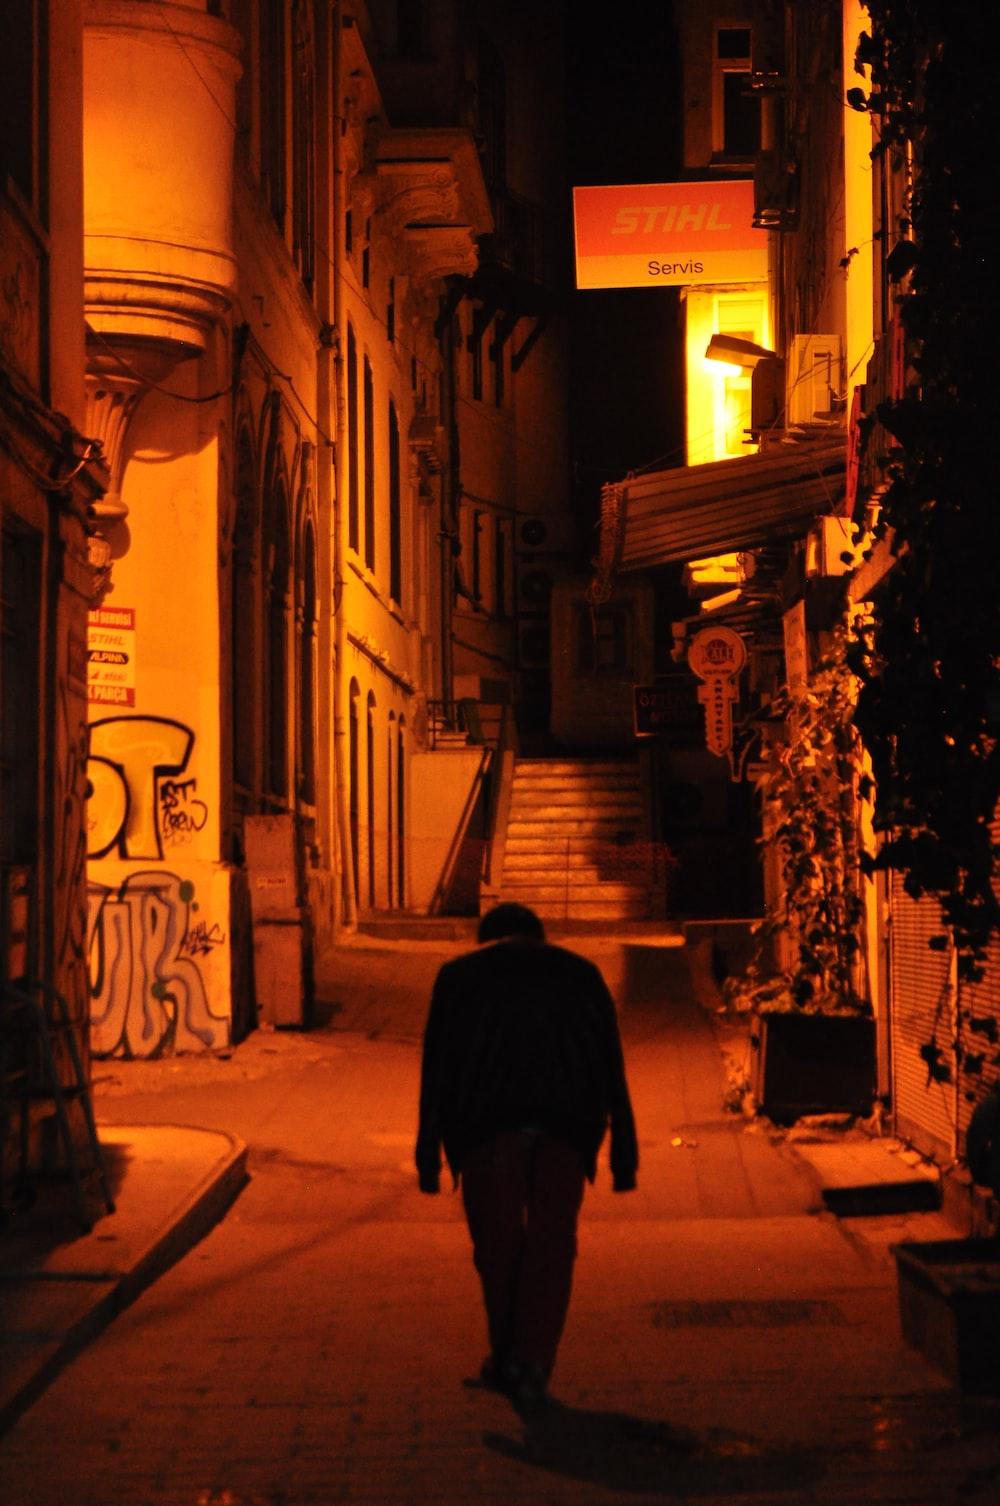 man in black coat walking on street during nighttime